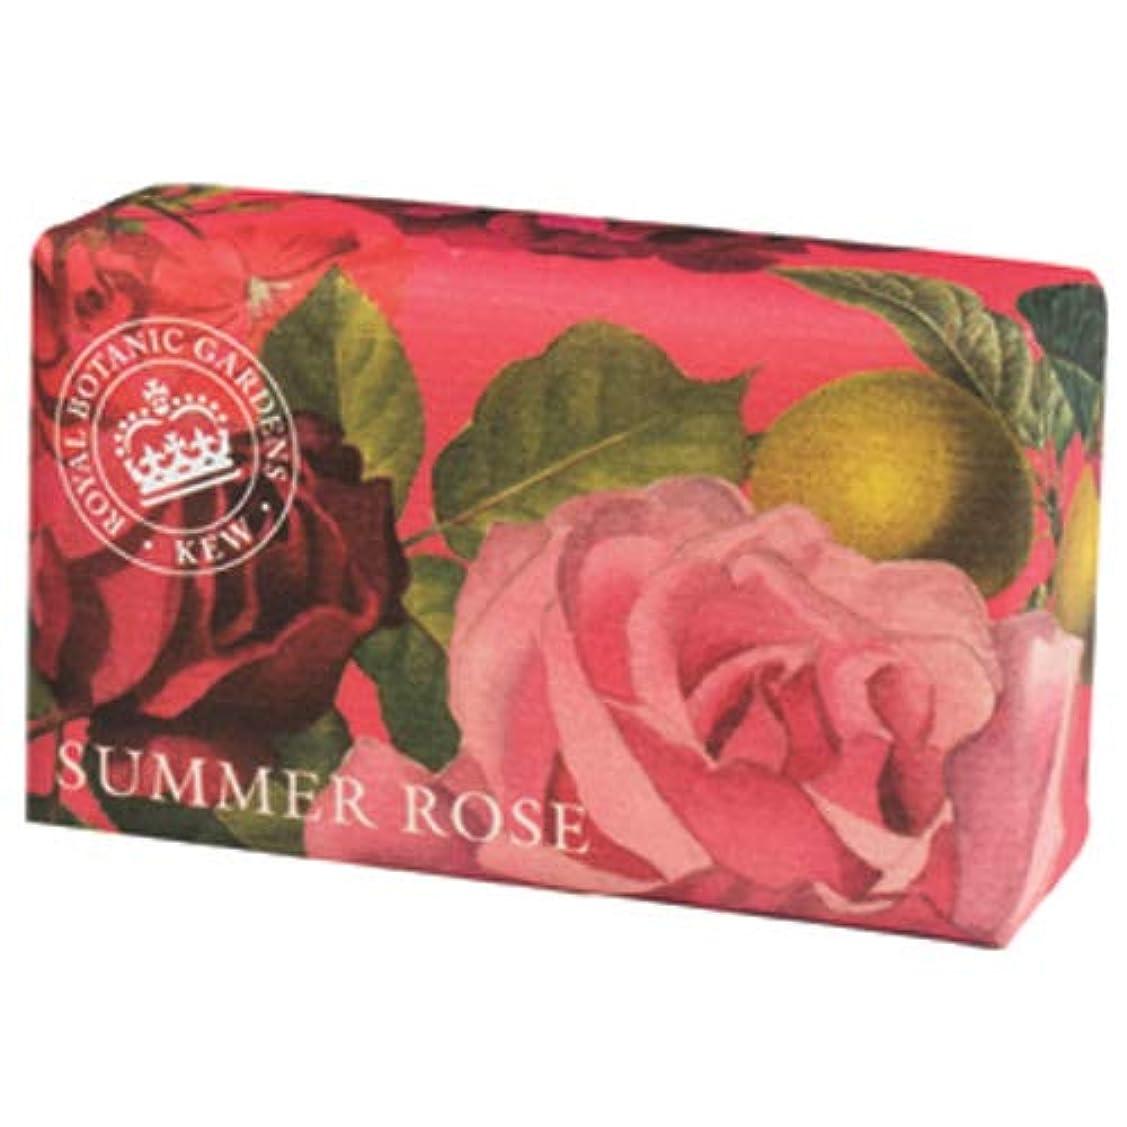 パン屋スマート怠惰三和トレーディング English Soap Company イングリッシュソープカンパニー KEW GARDEN キュー?ガーデン Luxury Shea Soaps シアソープ Summer Rose サマーローズ